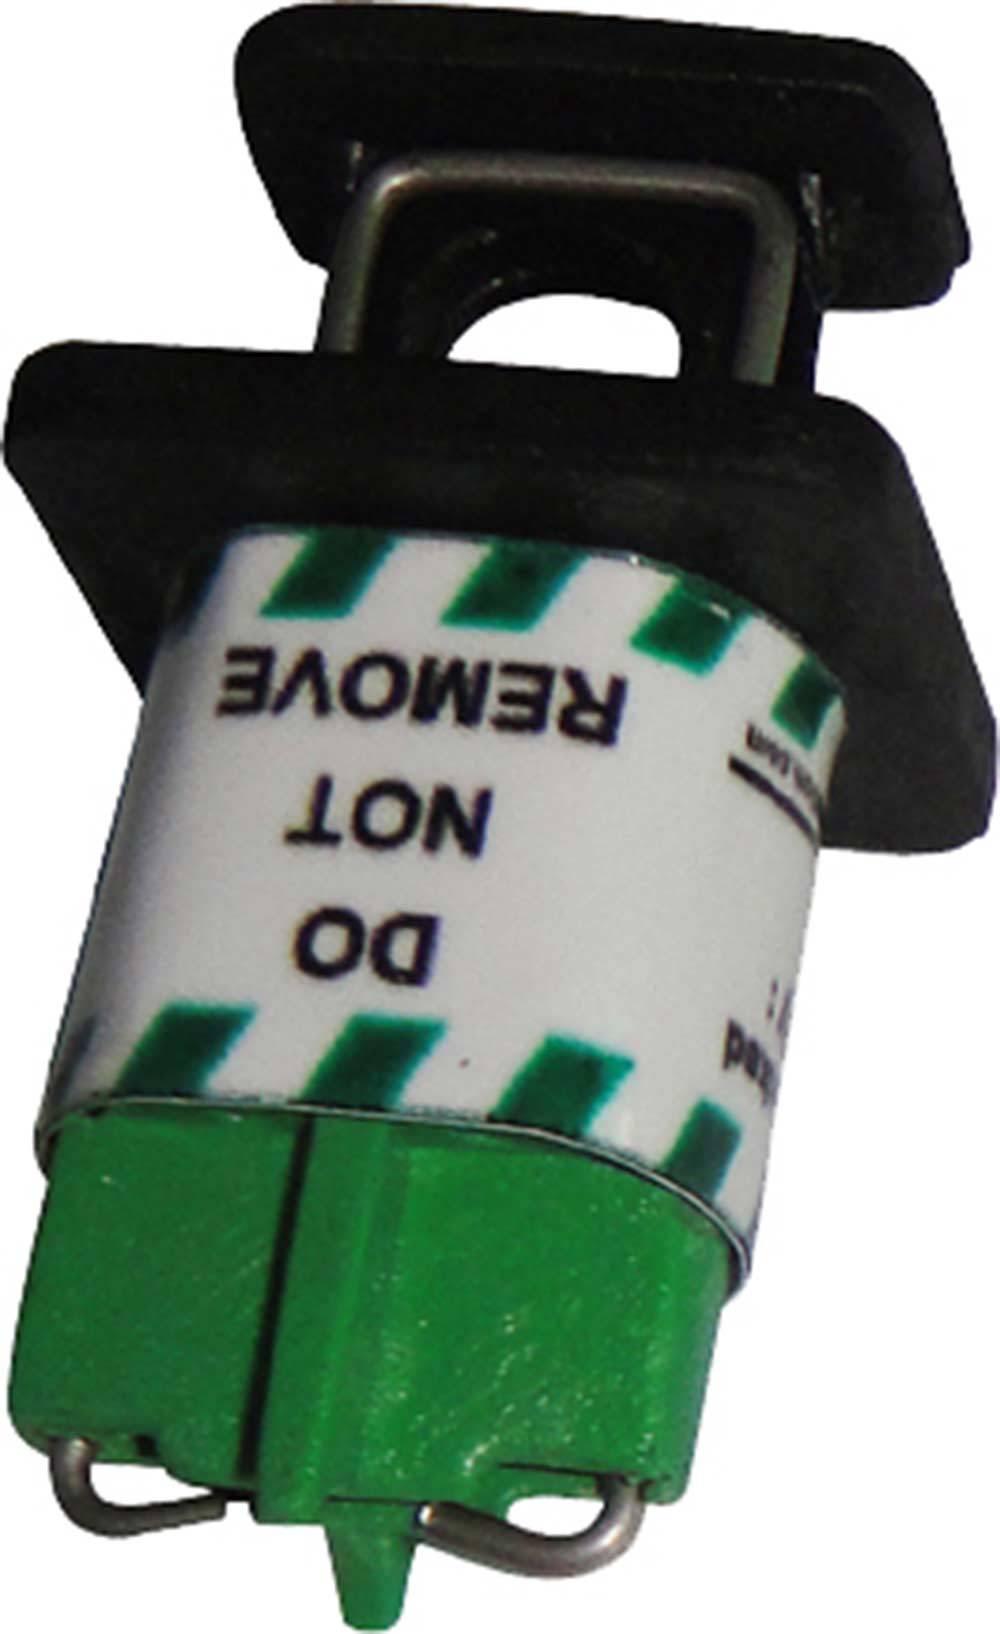 Pin Type Circuit Breaker Lockout PIN IN